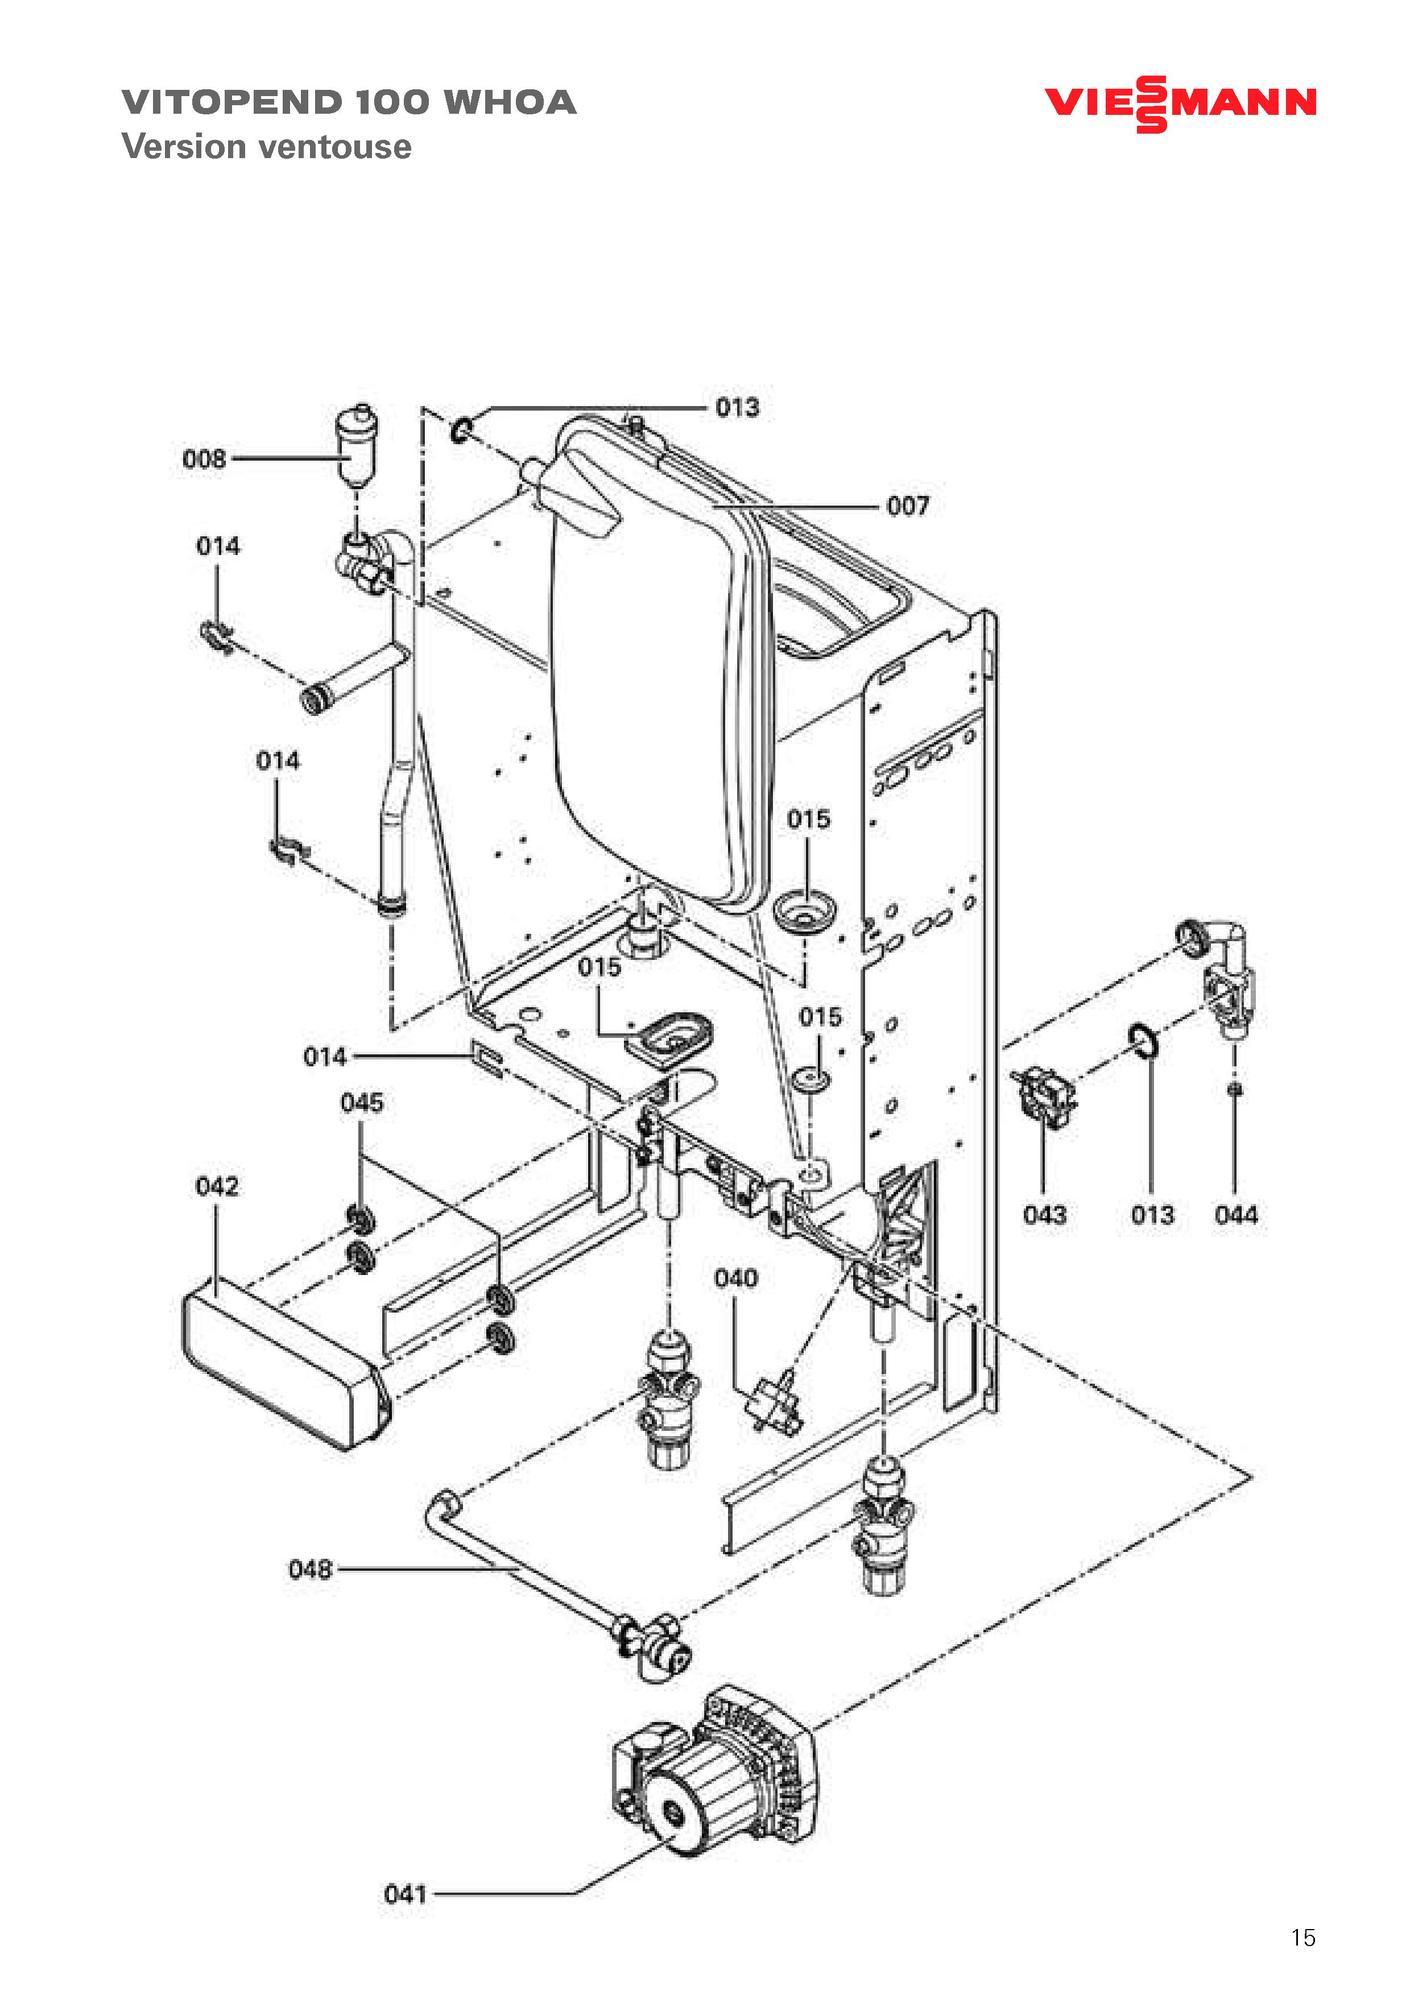 recherche directe dans la vue clat e de l 39 article viessmann moteur circulateur pour vihu 25 6 2. Black Bedroom Furniture Sets. Home Design Ideas